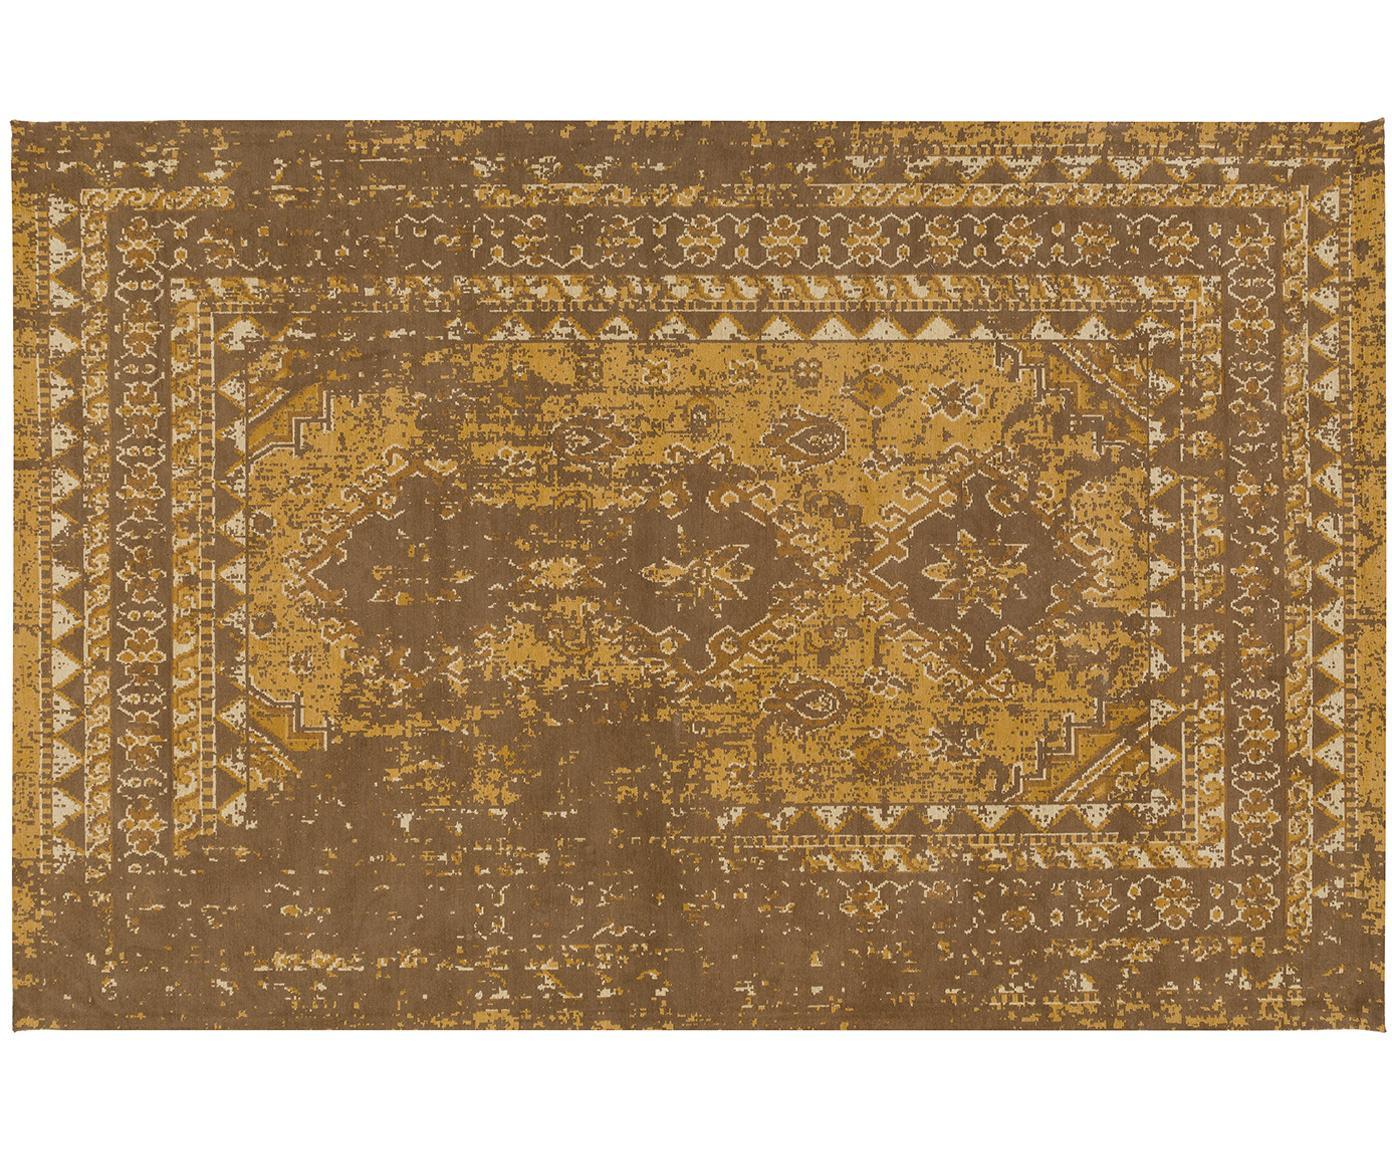 Vintage Chenilleteppich Rebel in Senfgelb, Flor: 95% Baumwolle, 5% Polyest, Gelb, Creme, Braun, B 200 x L 300 cm (Größe L)